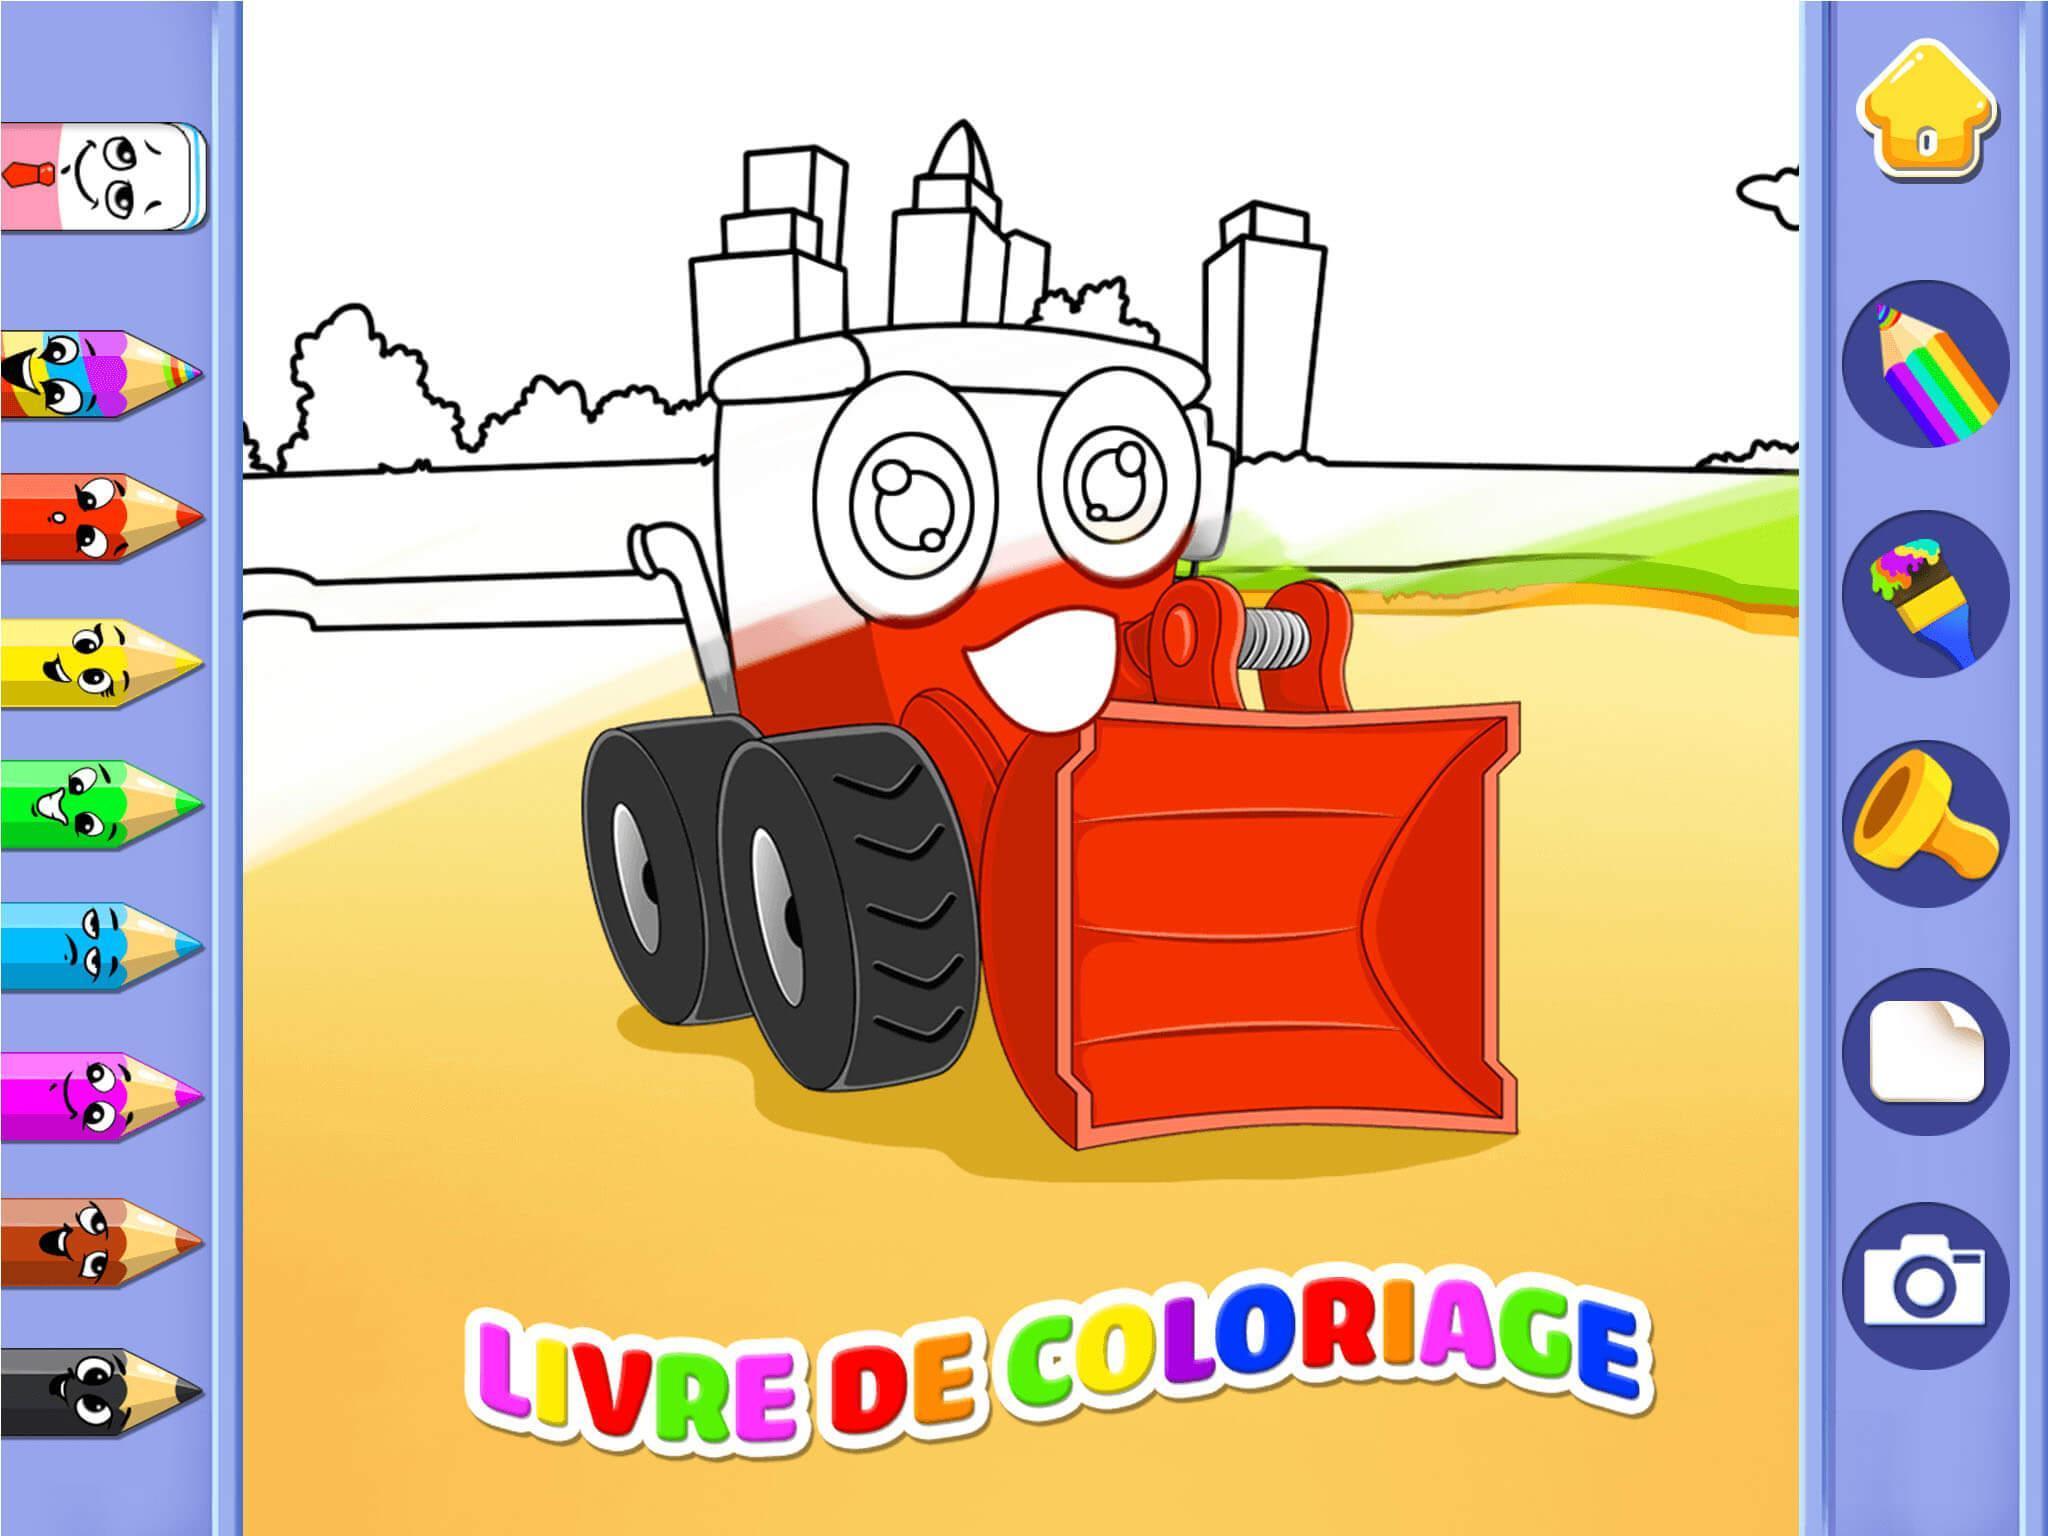 Jeux De Voiture Pour Enfant De 2 À 5 Ans Gratuit Pour destiné Jeux Gratuits Pour Enfants De 5 Ans